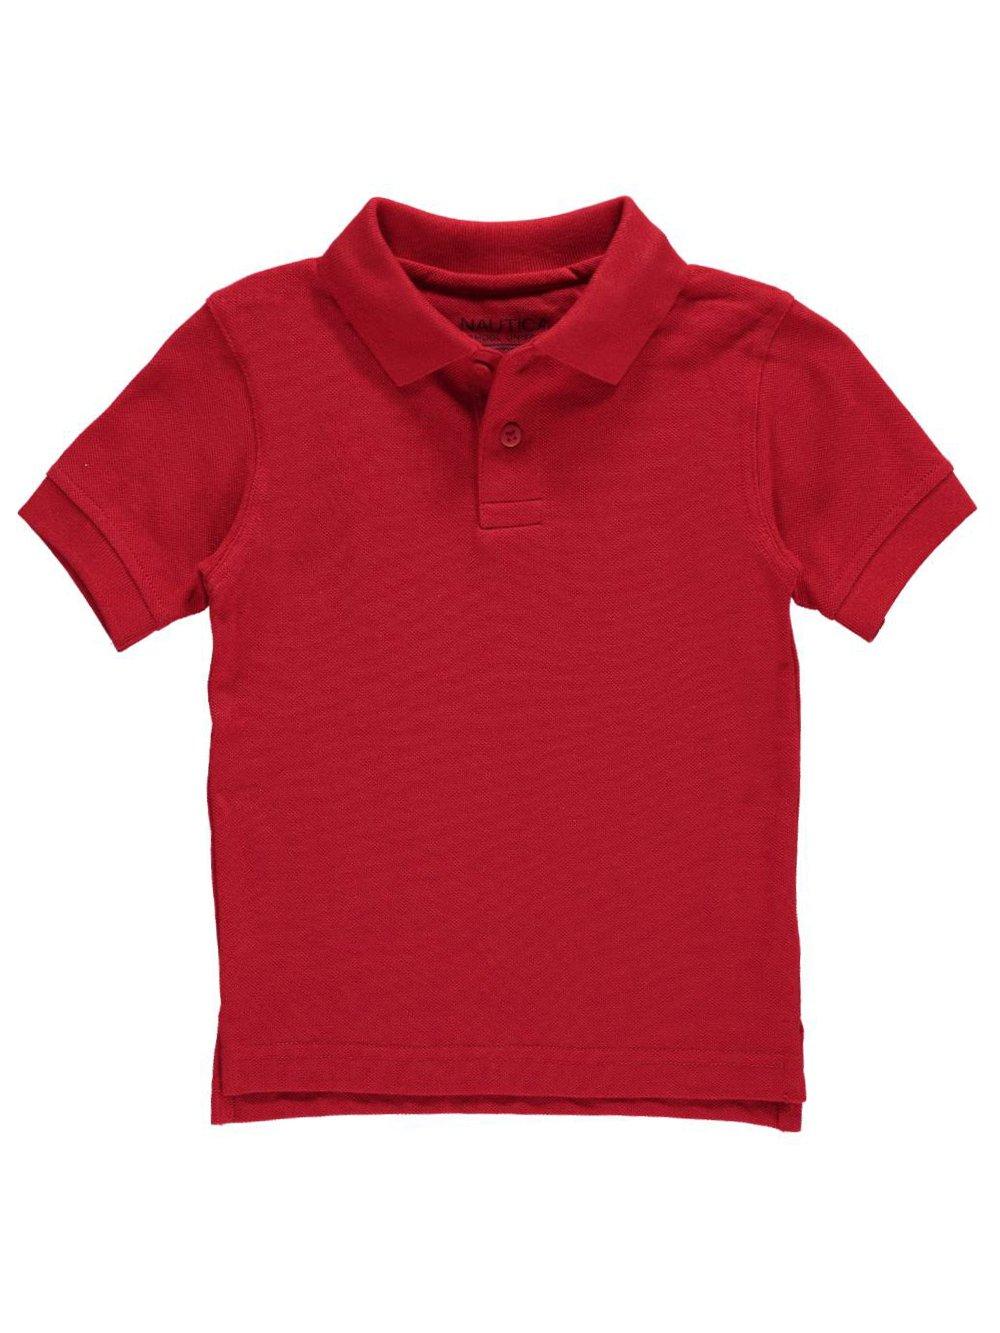 Nautica Little Boys' School Uniform Pique Polo